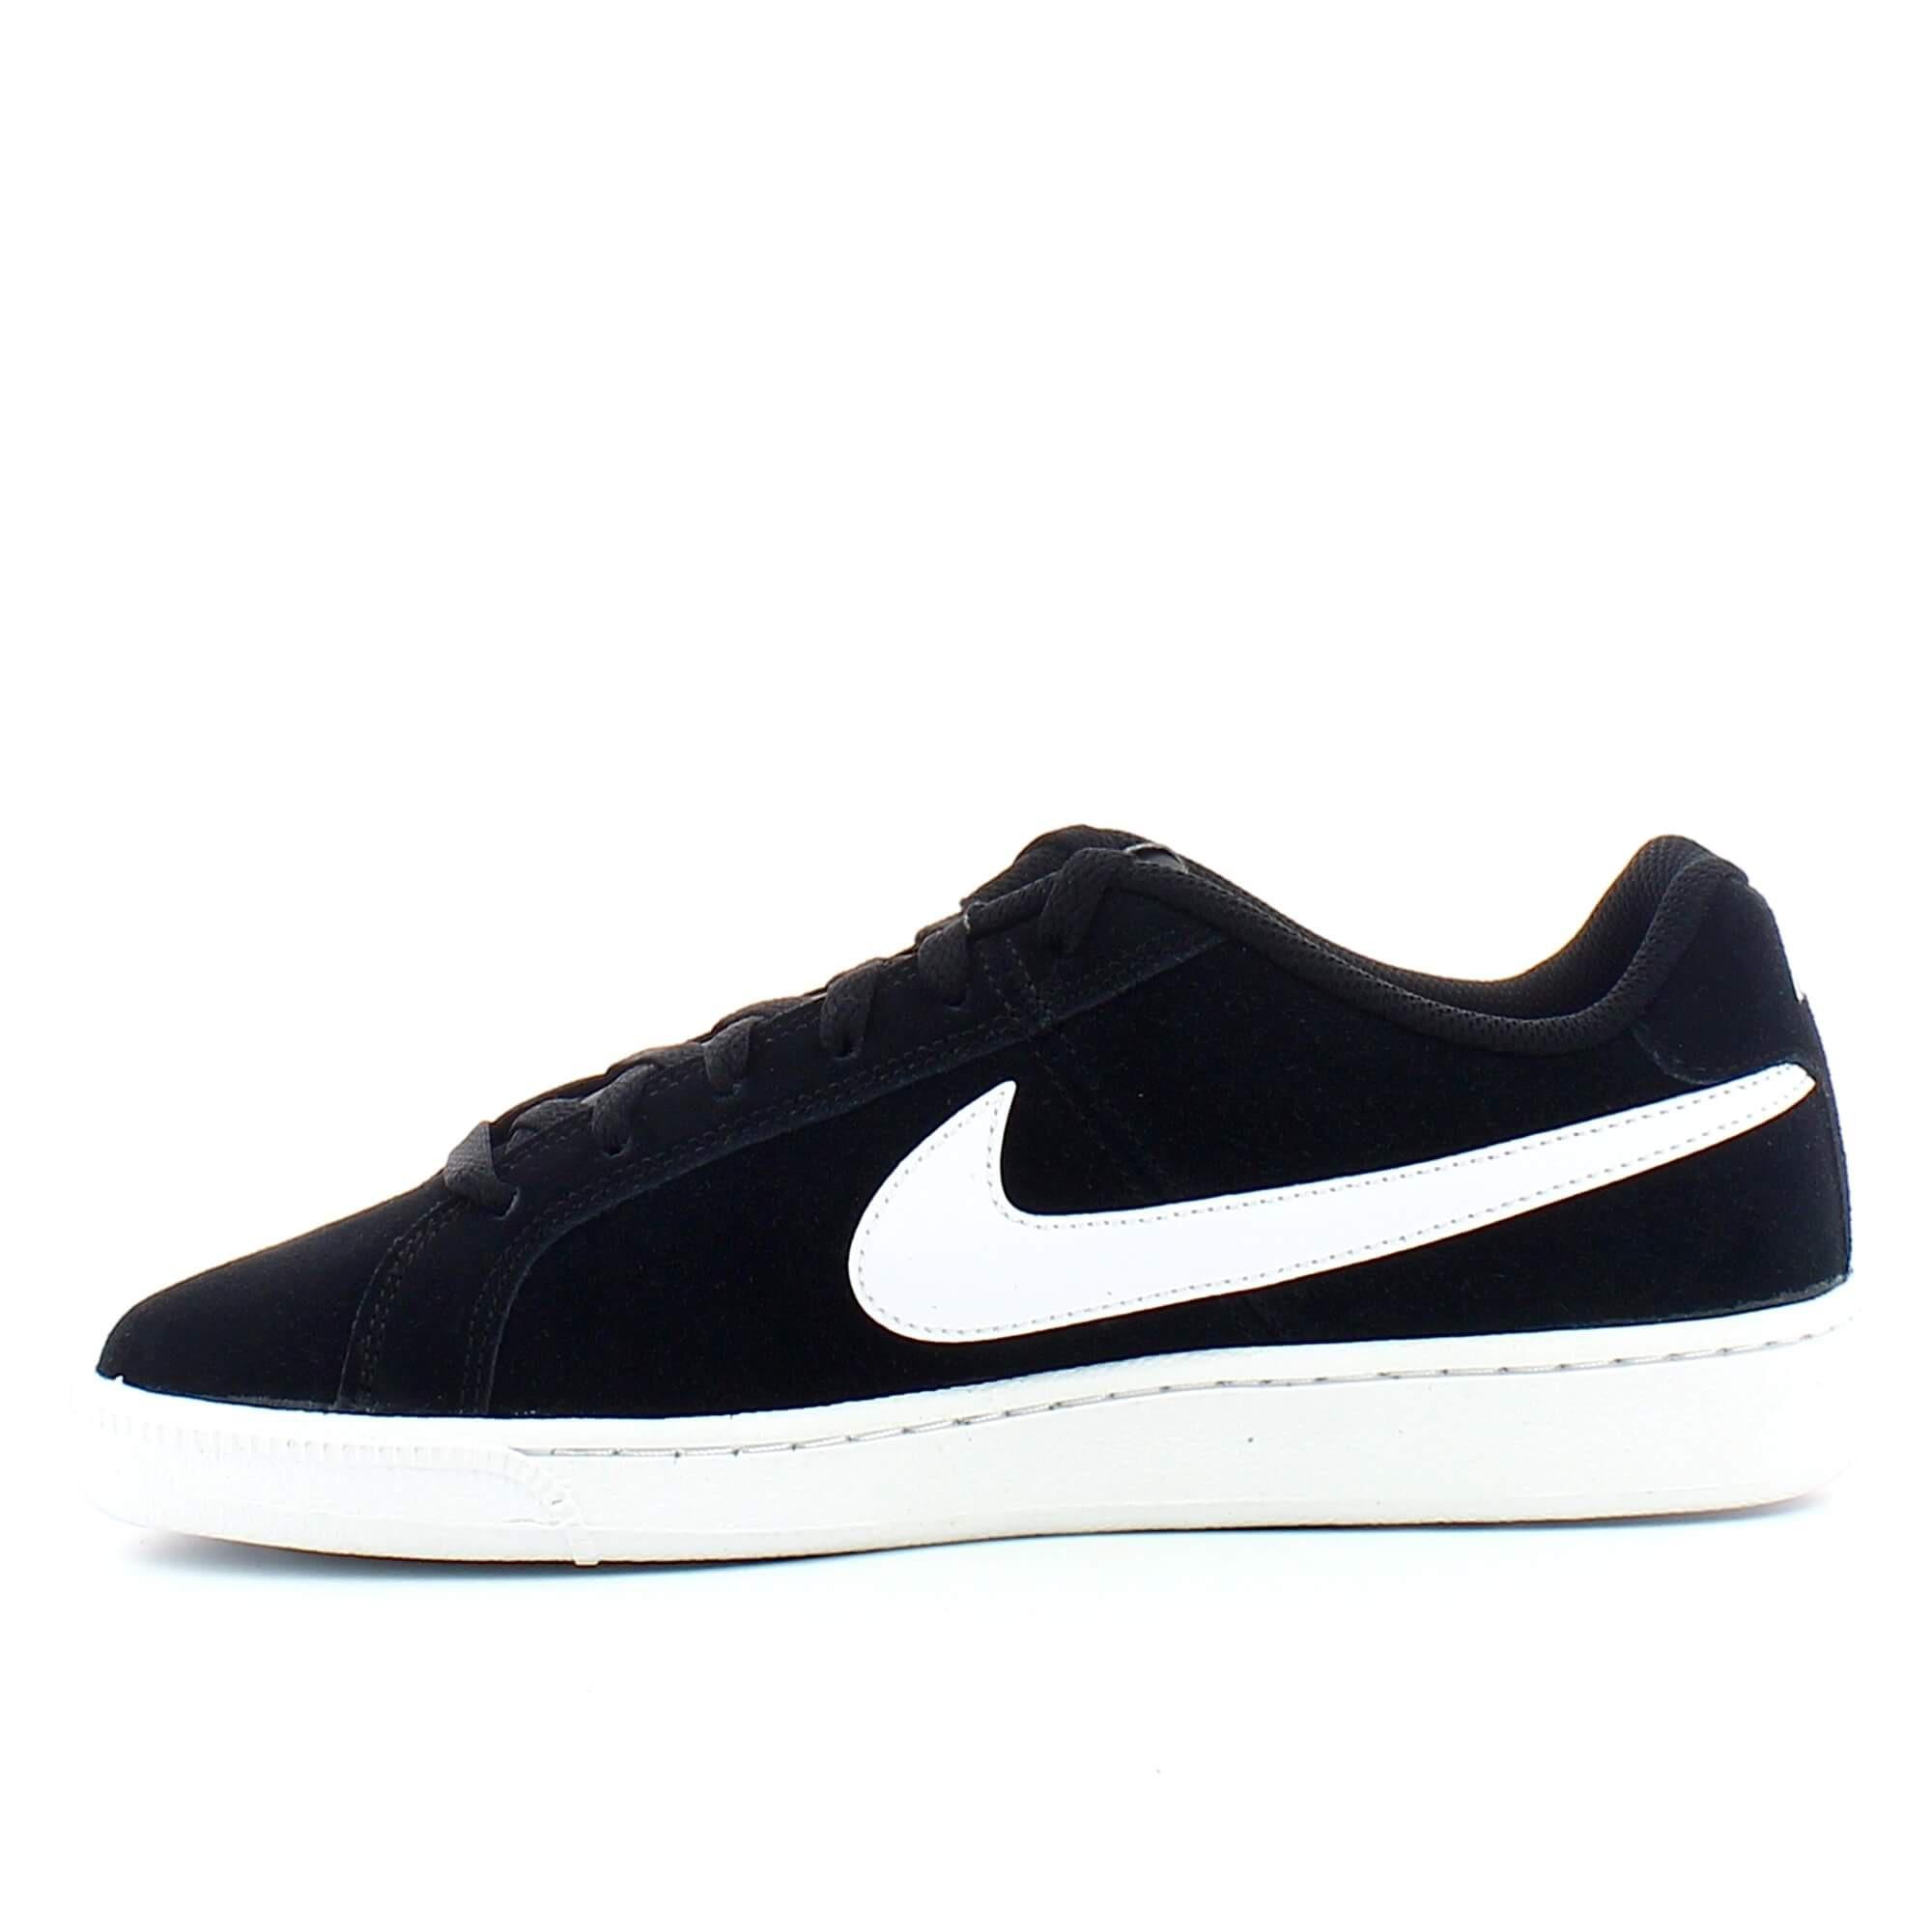 d8db43ef1e2 Zapatillas Nike Court Royale Suede Negro Blanco Hombre - Deportes Moya